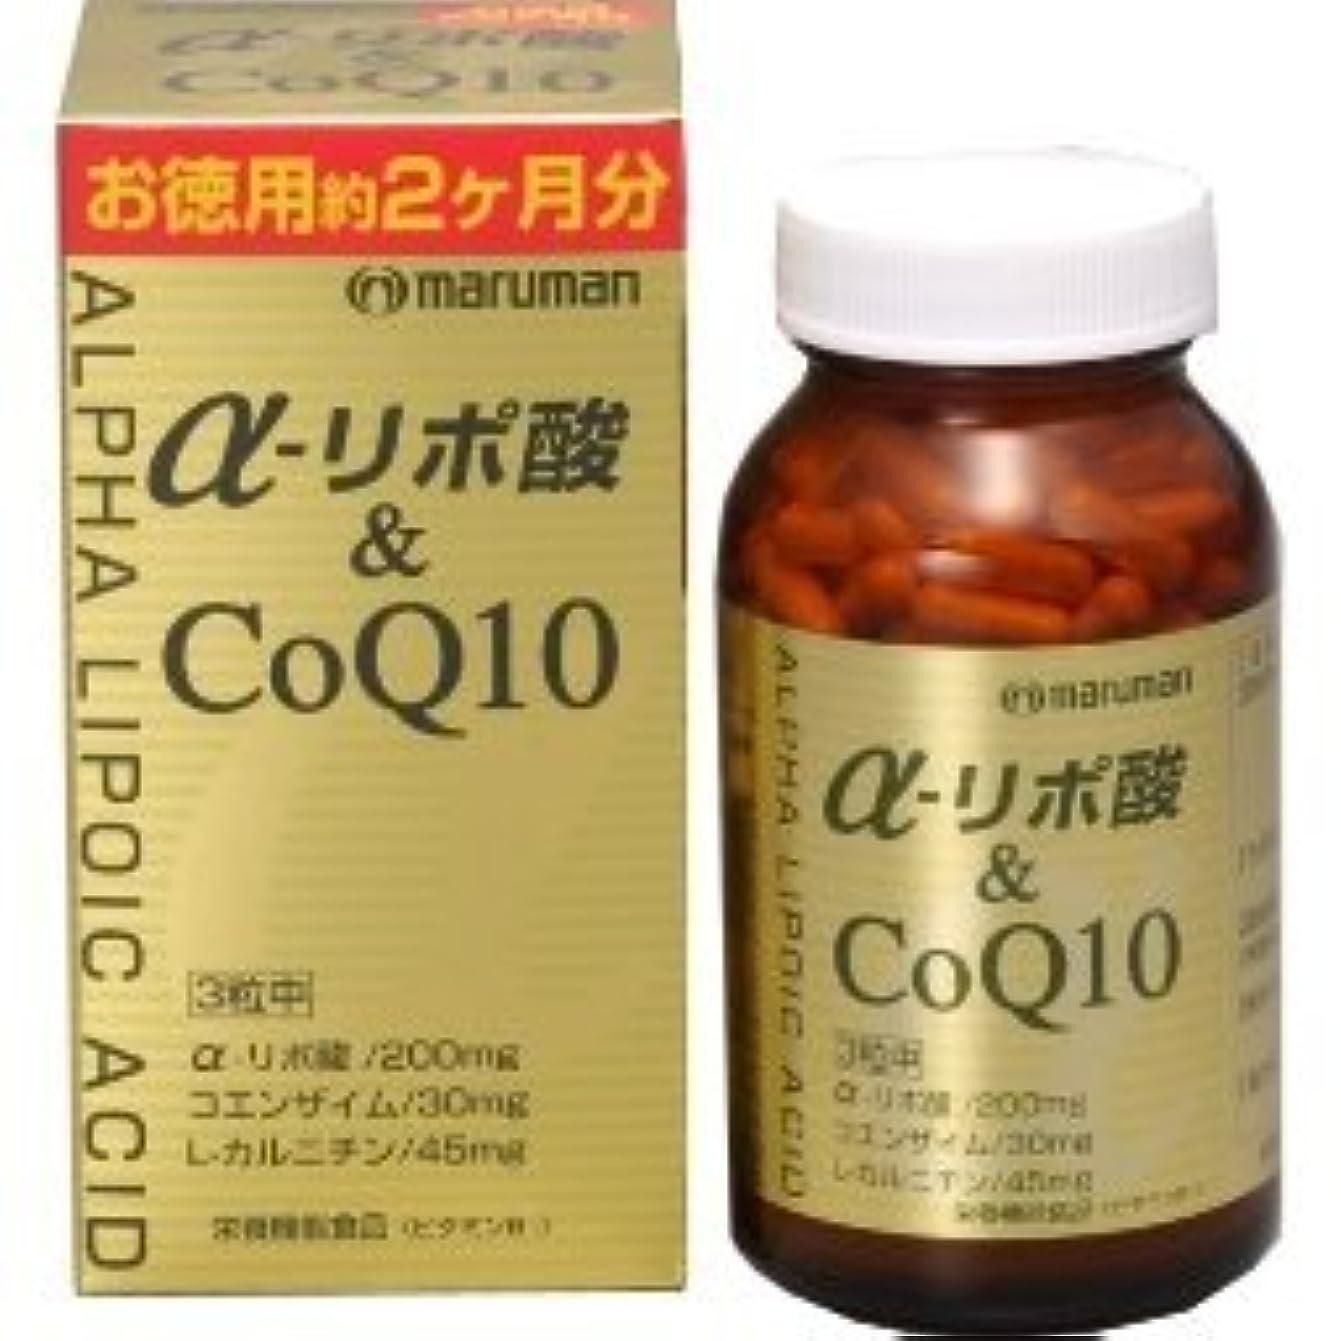 十一健康確かなαリポ酸&COQ10 180粒